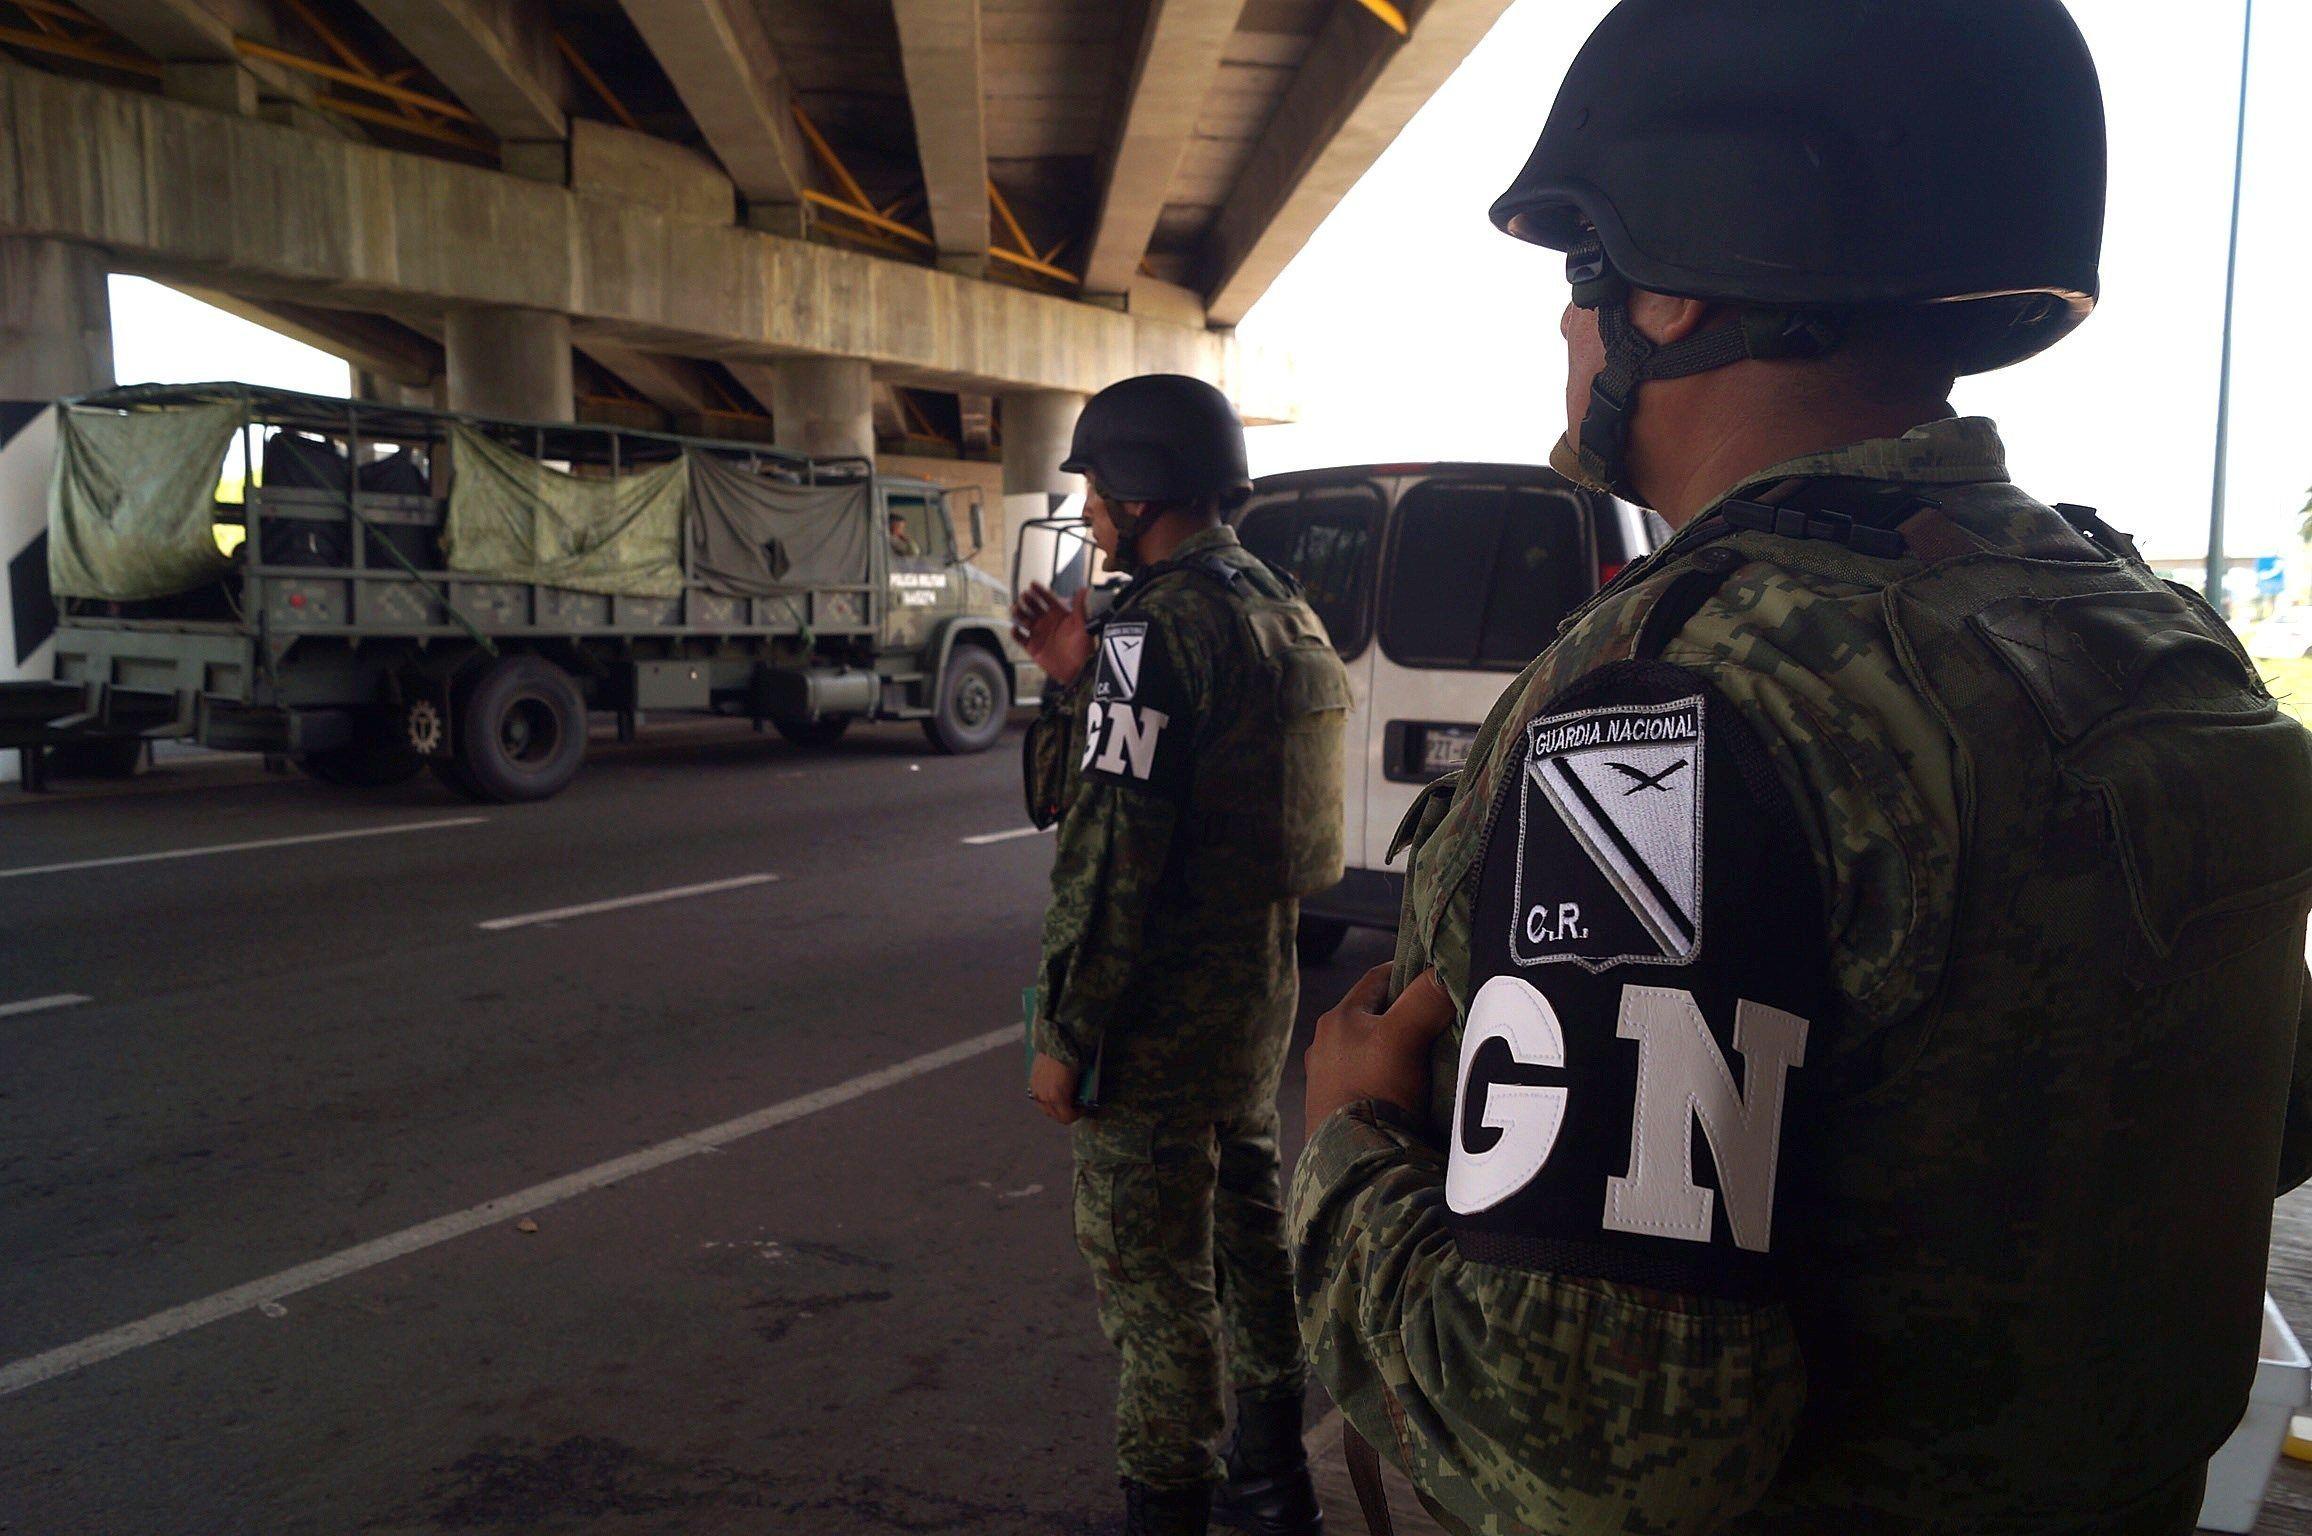 Elementos de la Guardia Nacional mexicana realizan controles en la ciudad de Tapachula en el estado de Chiapas. (EFE)